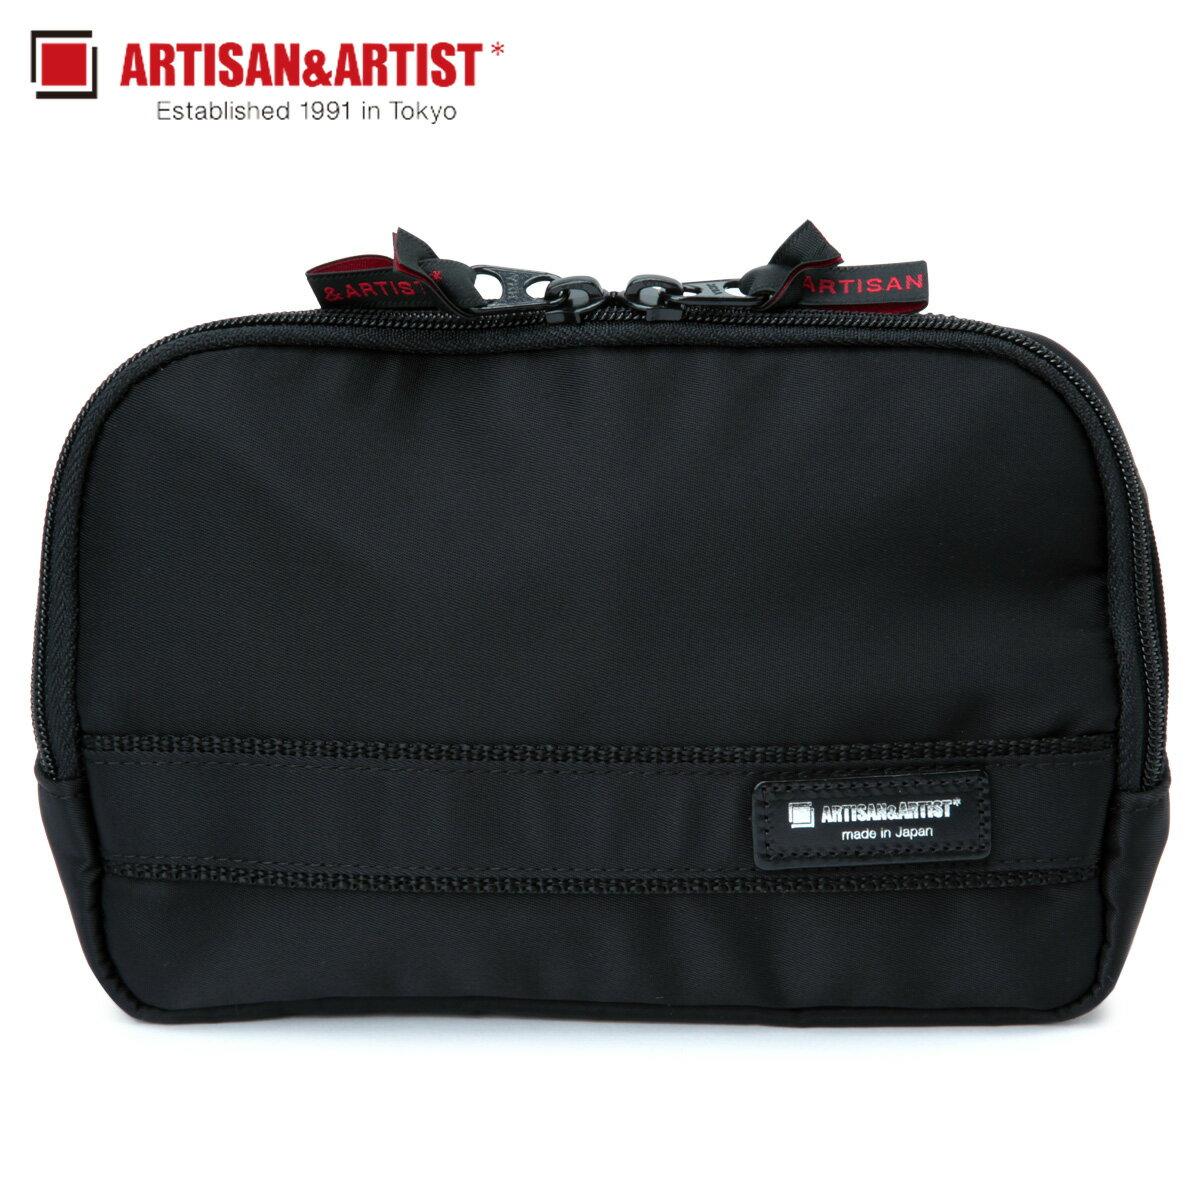 レディースバッグ, 化粧ポーチ 2000OFF ARTISANARTIST SIMPLEBASIC 7WP-BS110H